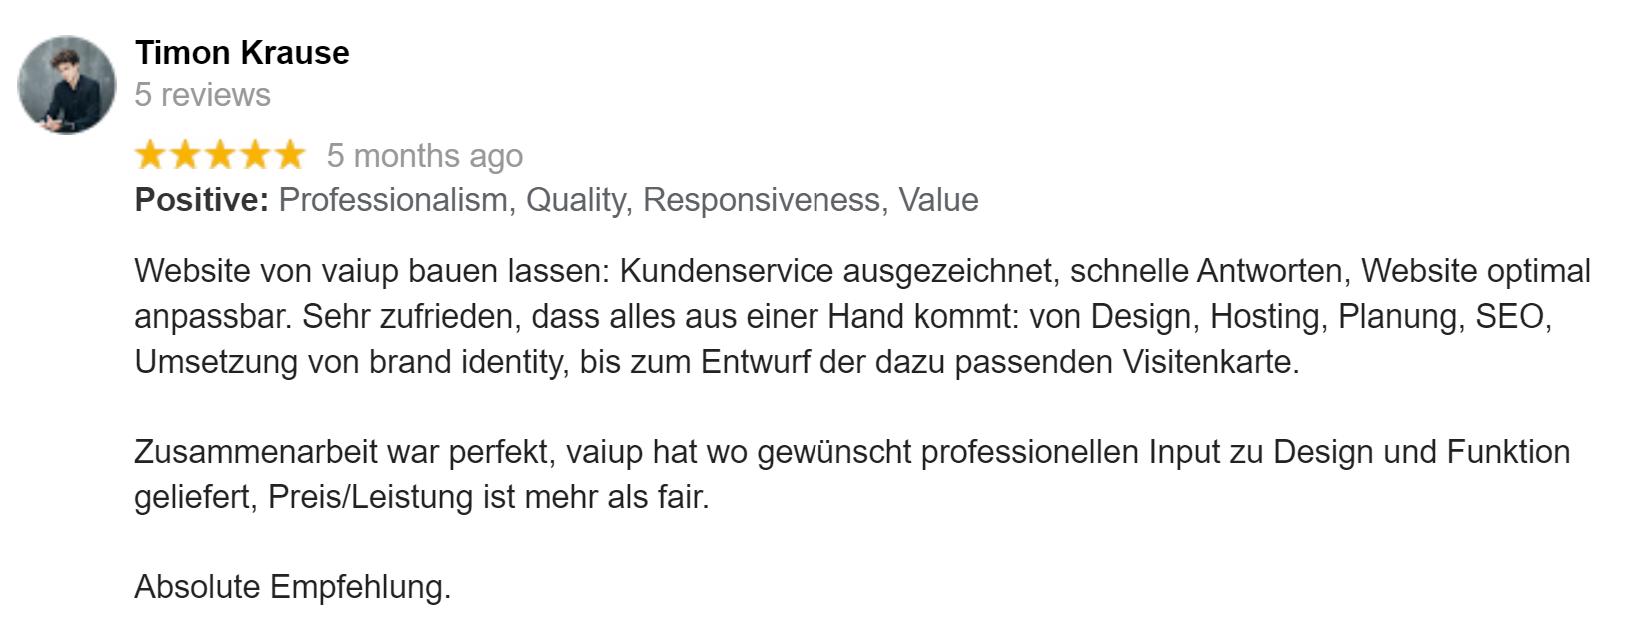 Screenshot einer Review auf Google Business.